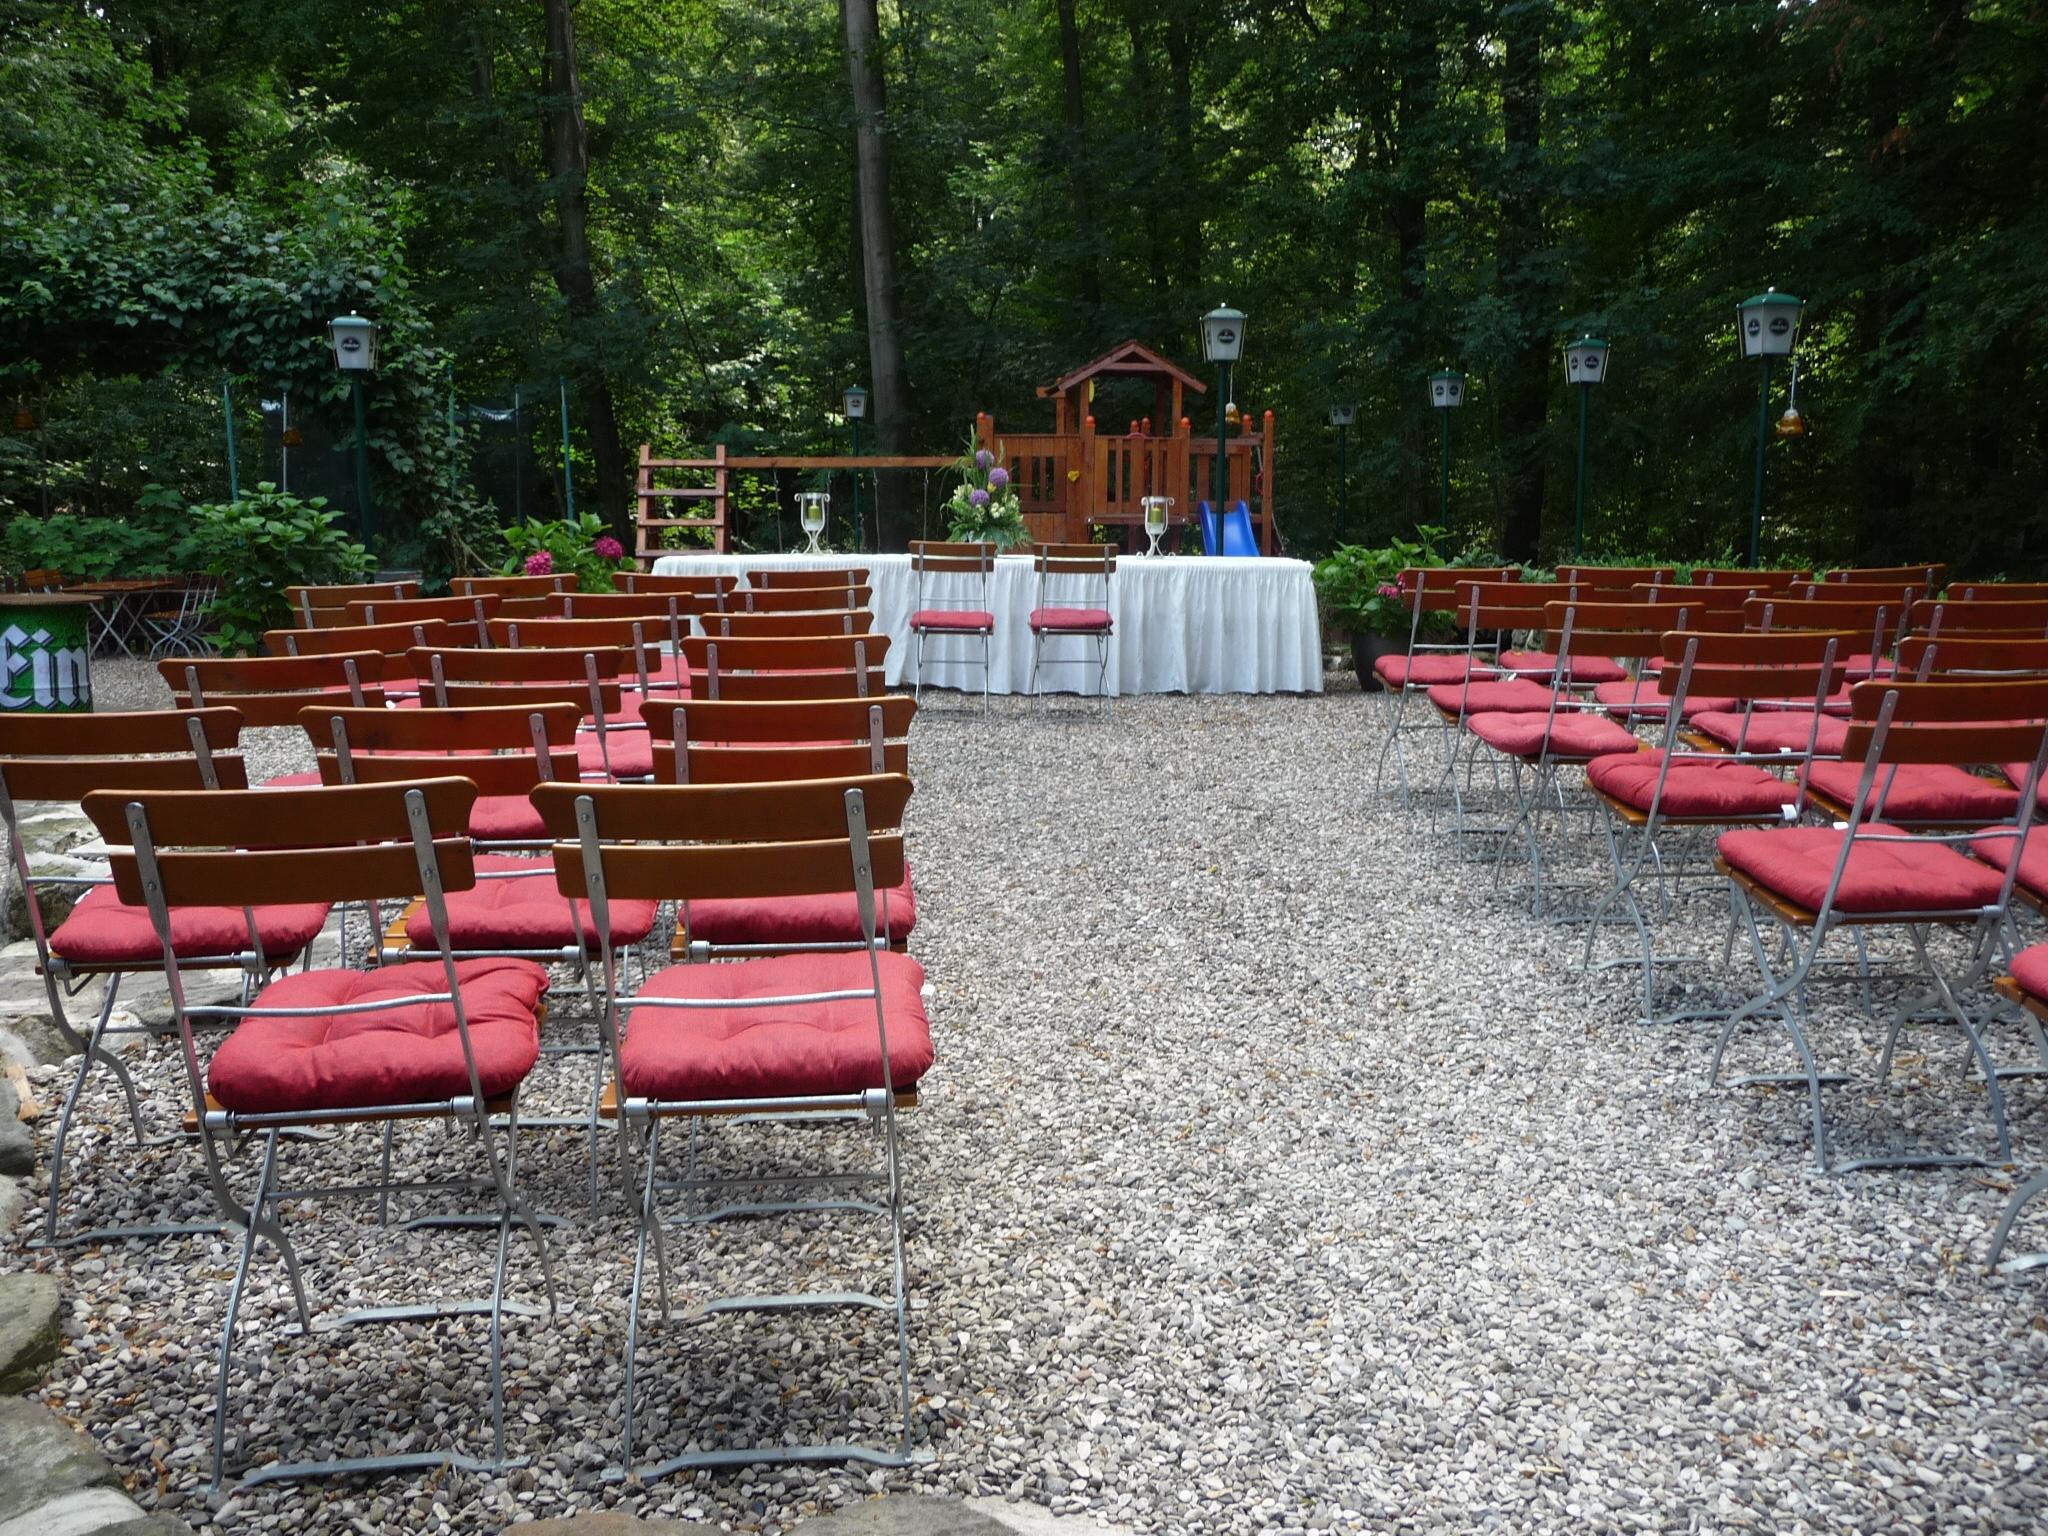 Waldgasthaus-Zum-Kuckuck-Harsum-001